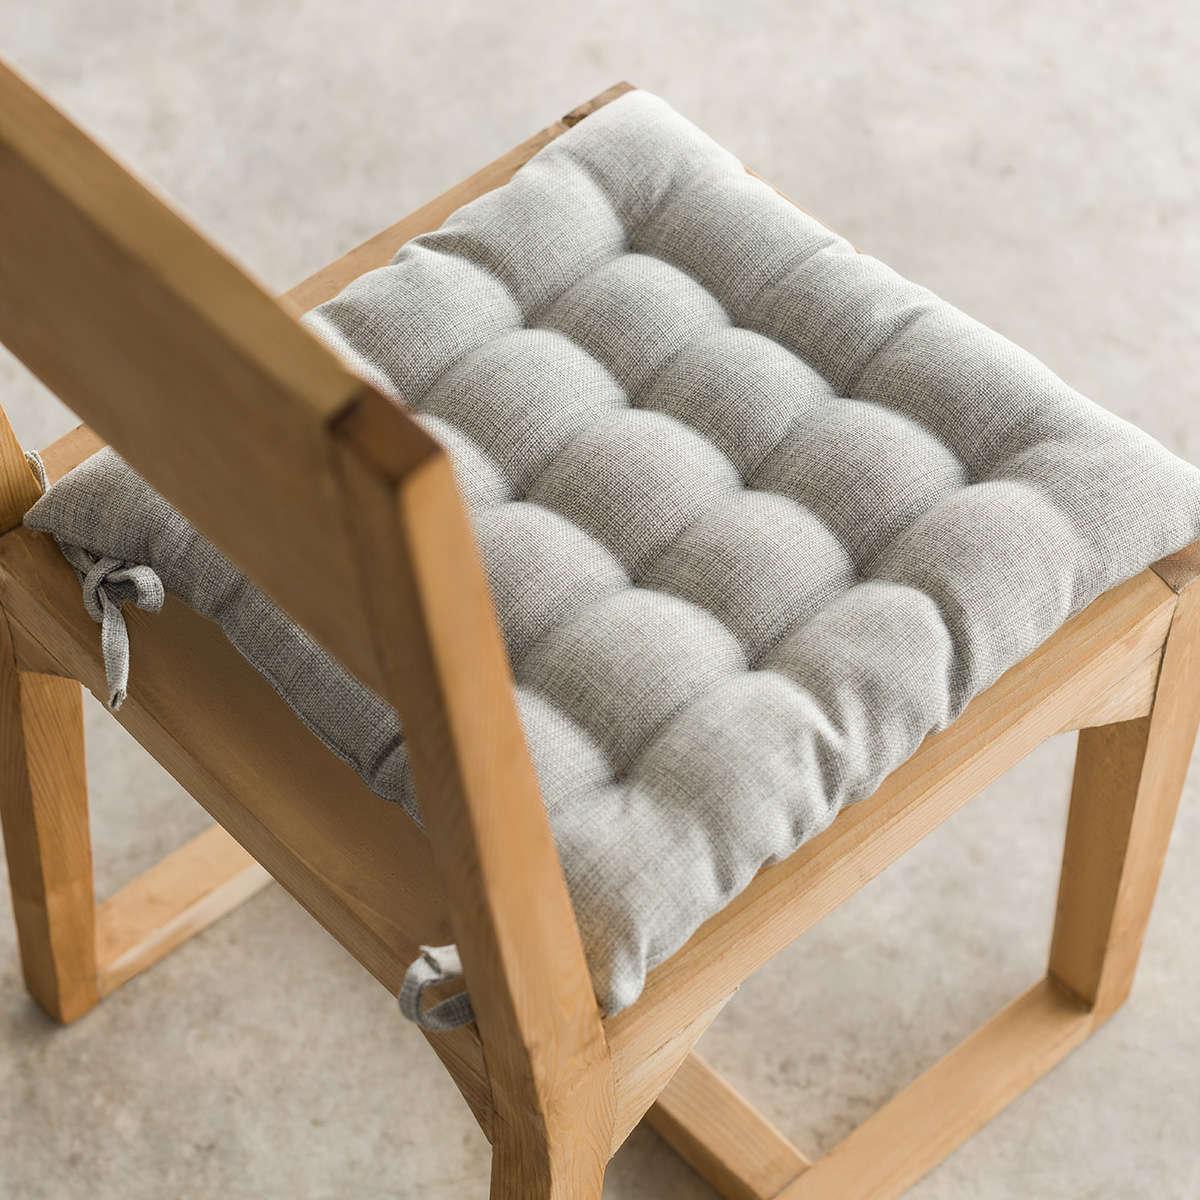 Μαξιλάρι Καρέκλας Hygg Light Grey 213/15 Gofis Home 40Χ40 40x40cm